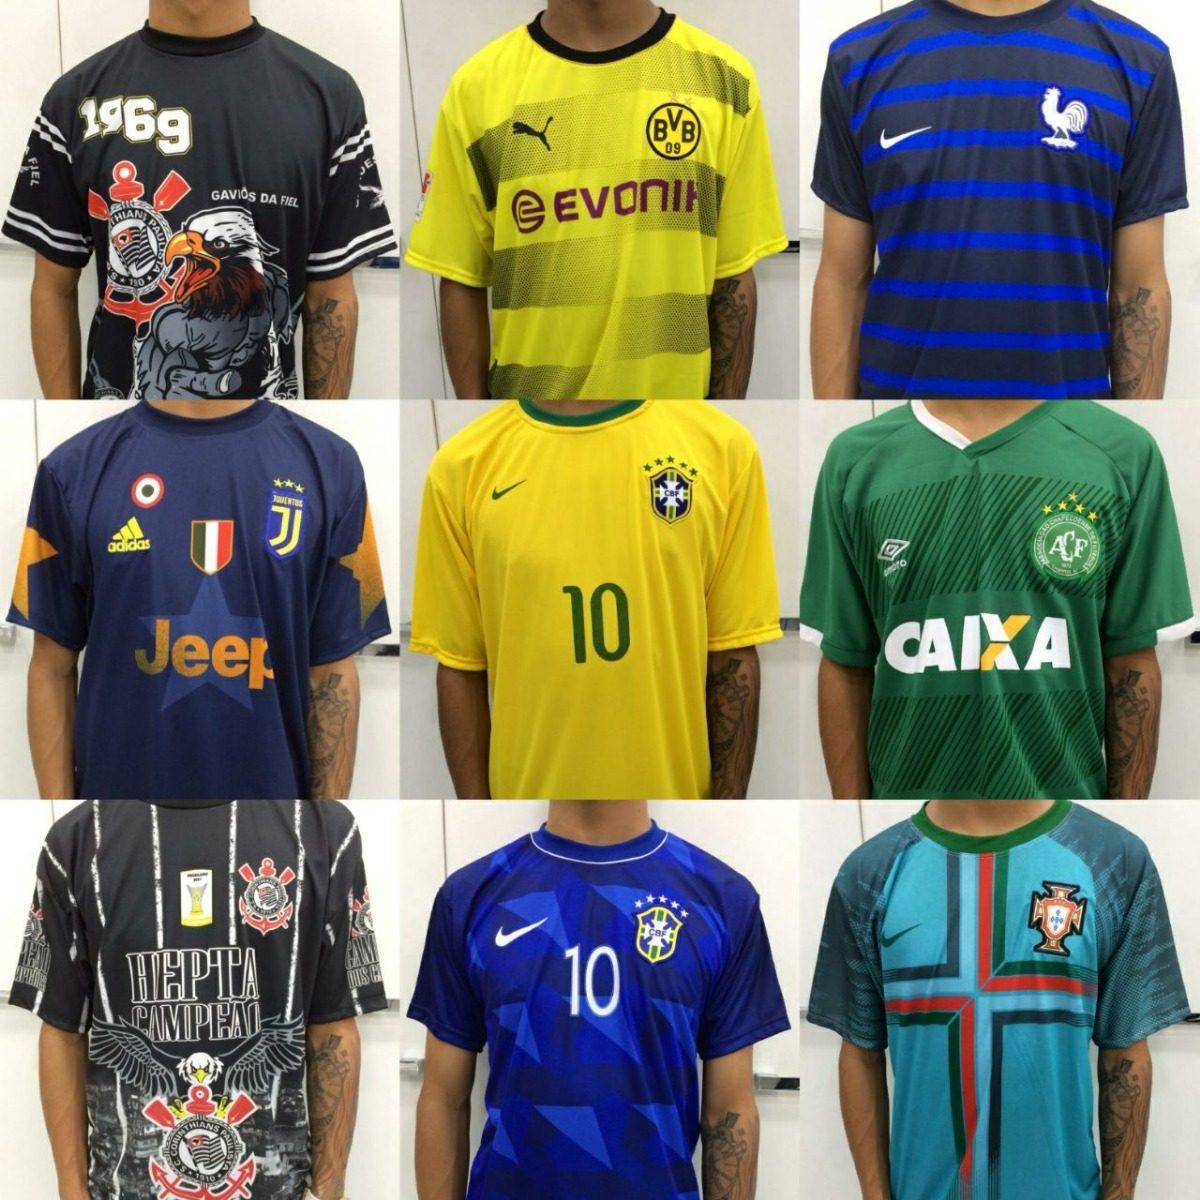 f38b96a717 camisa times nacionais e europeus camisetas atacado fabrica. Carregando  zoom.